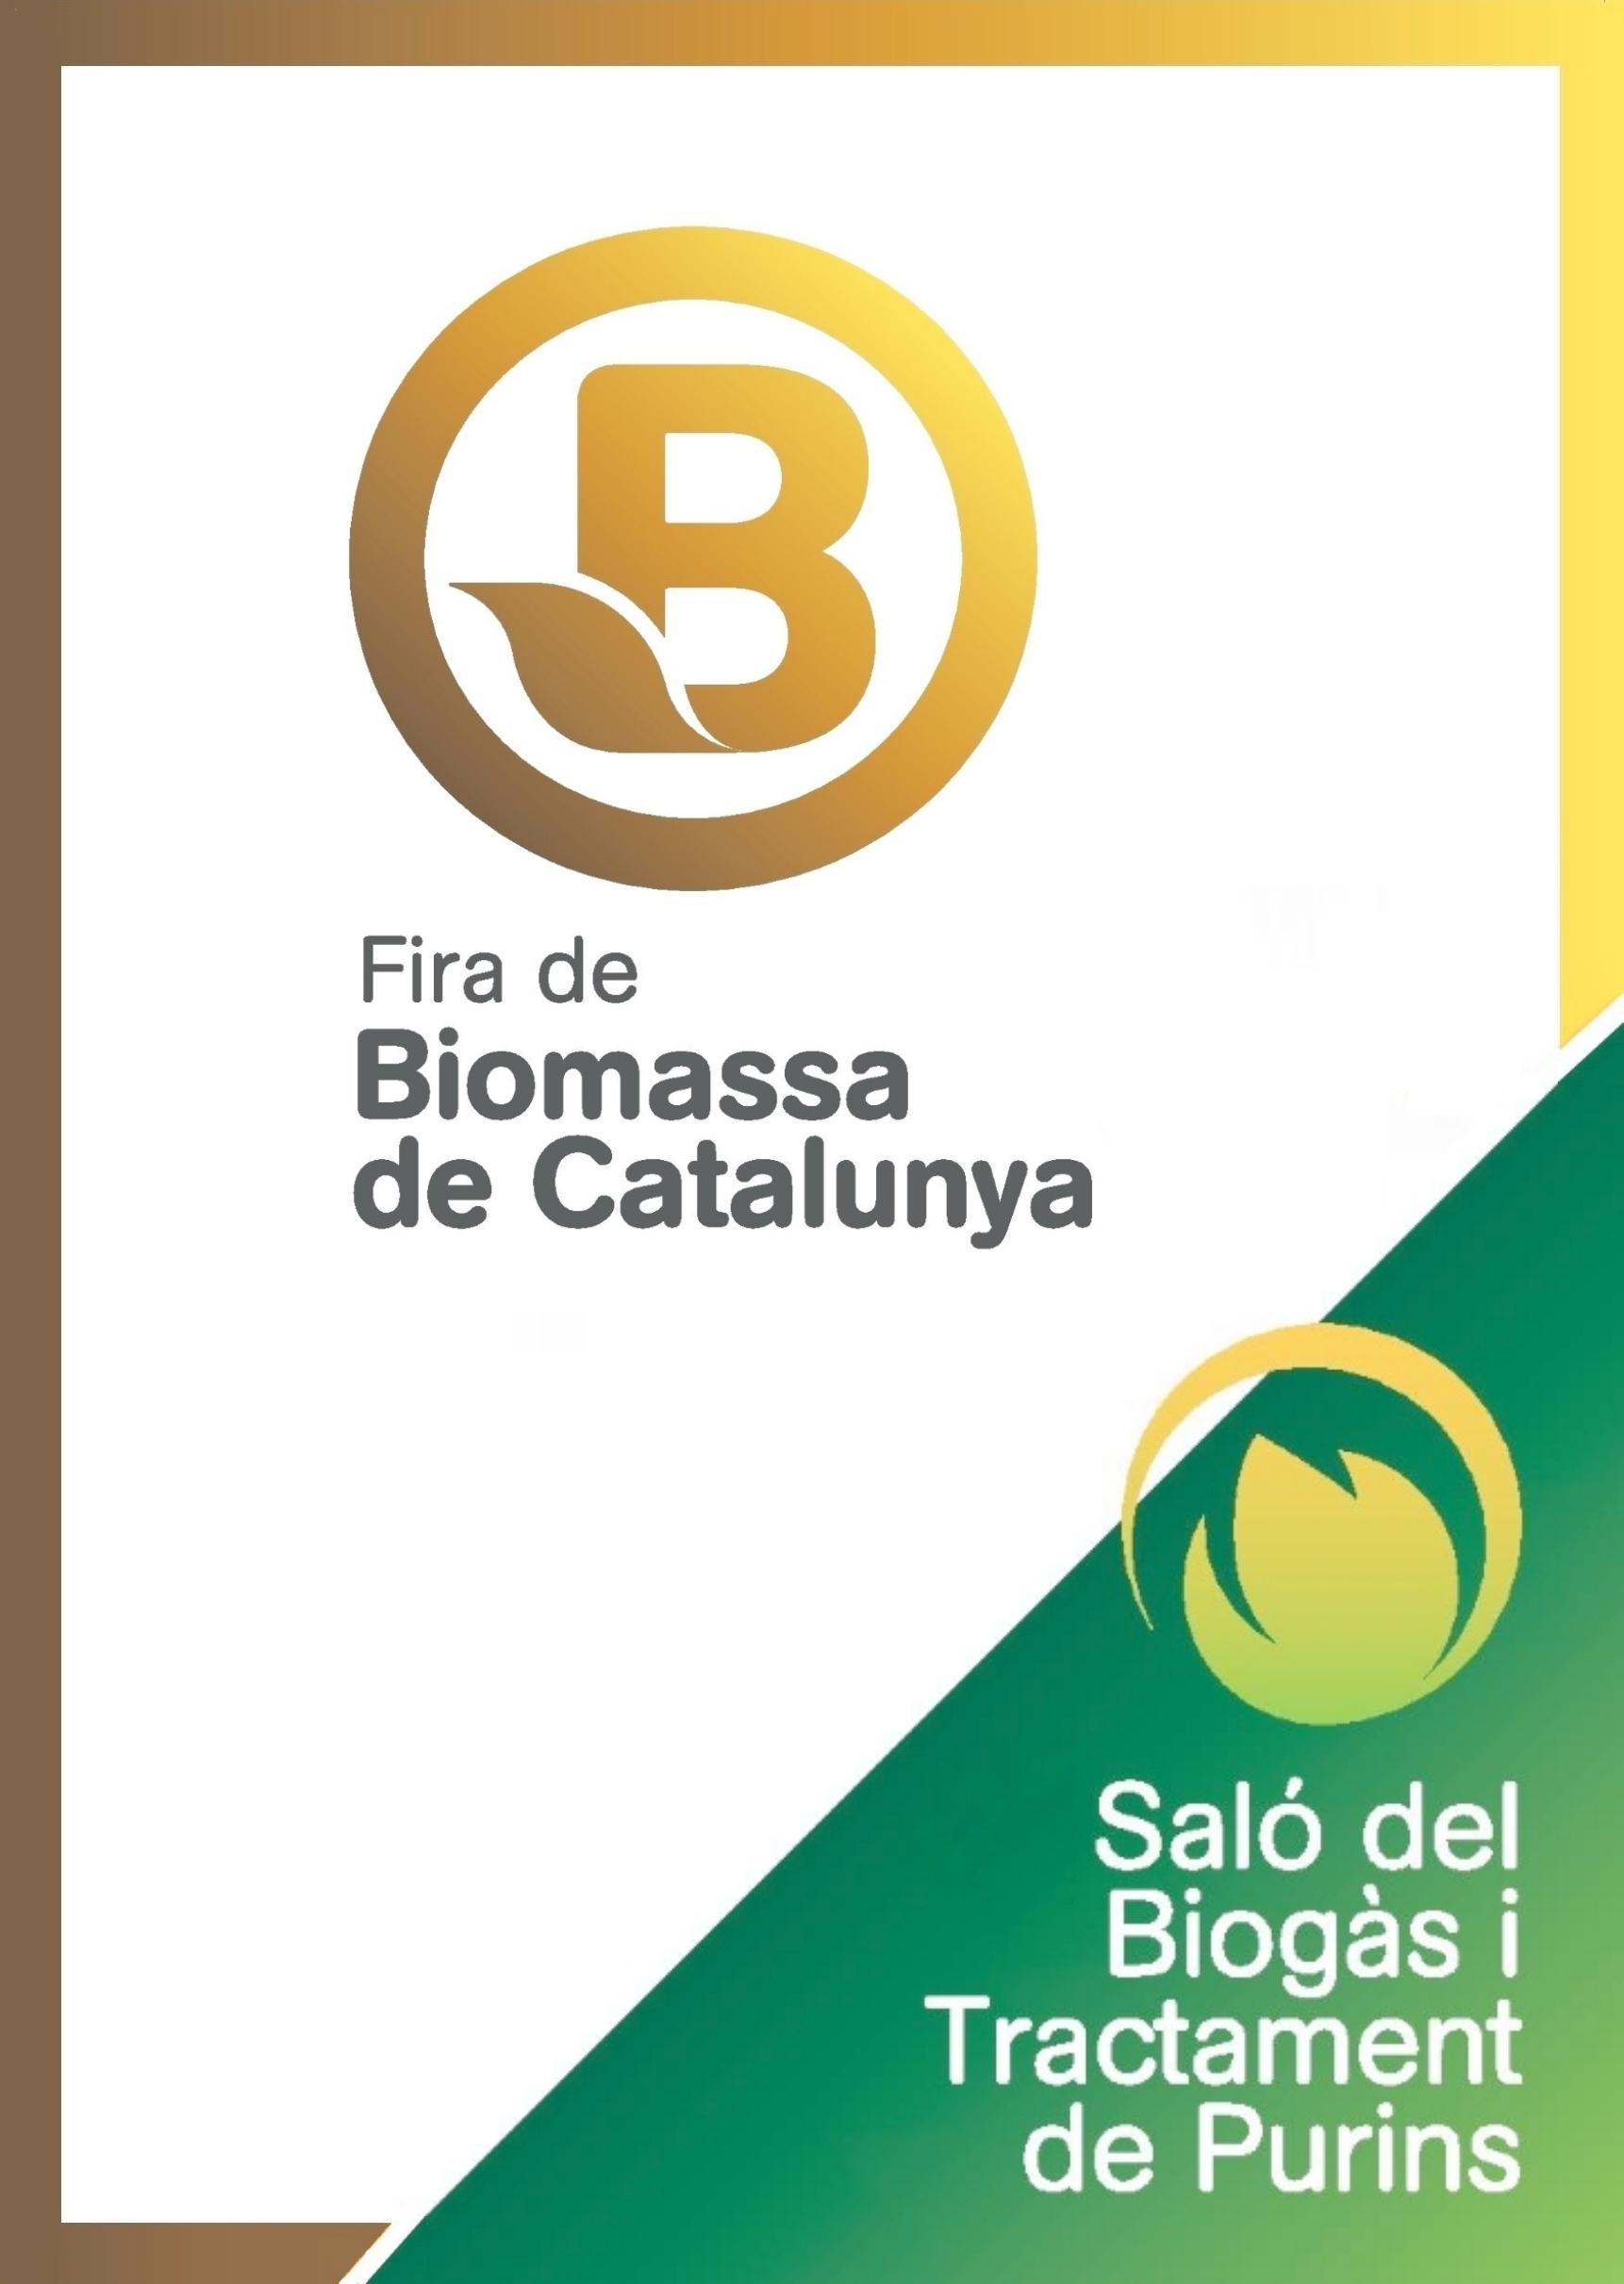 FIRA DE BIOMASSA DE CATALUNYA | SALÓ DEL BIOGÀS